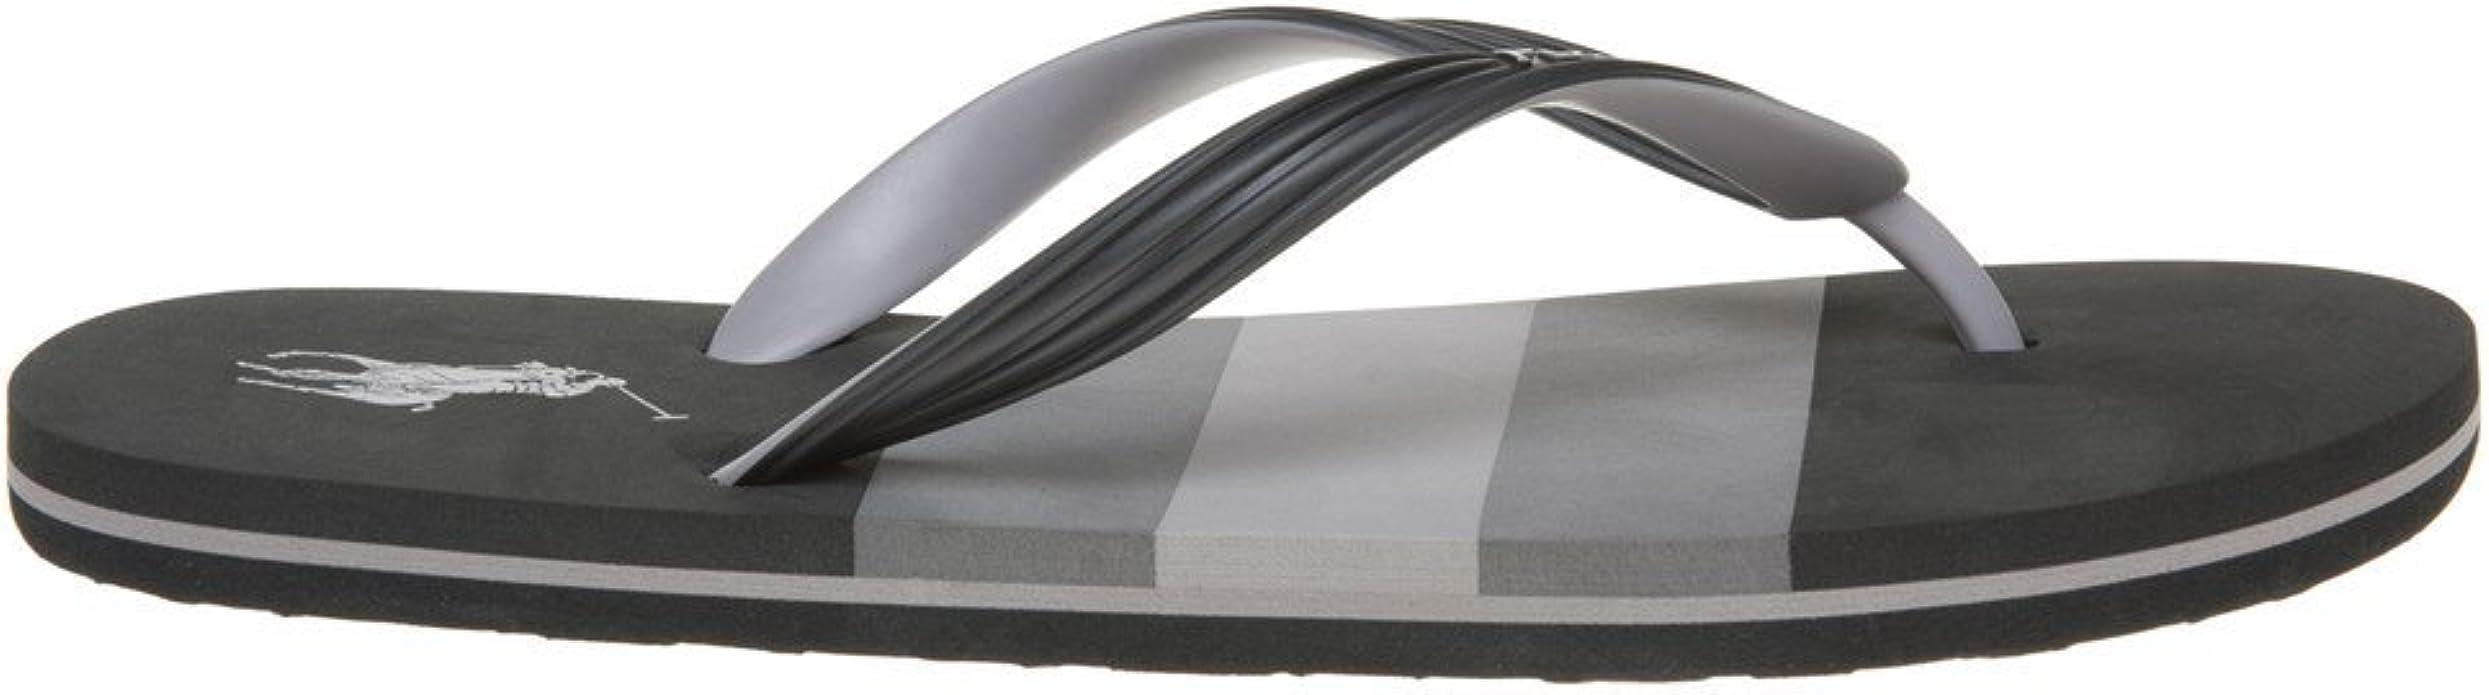 Polo Ralph Chanclas XZA5I-BLA: Amazon.es: Zapatos y complementos